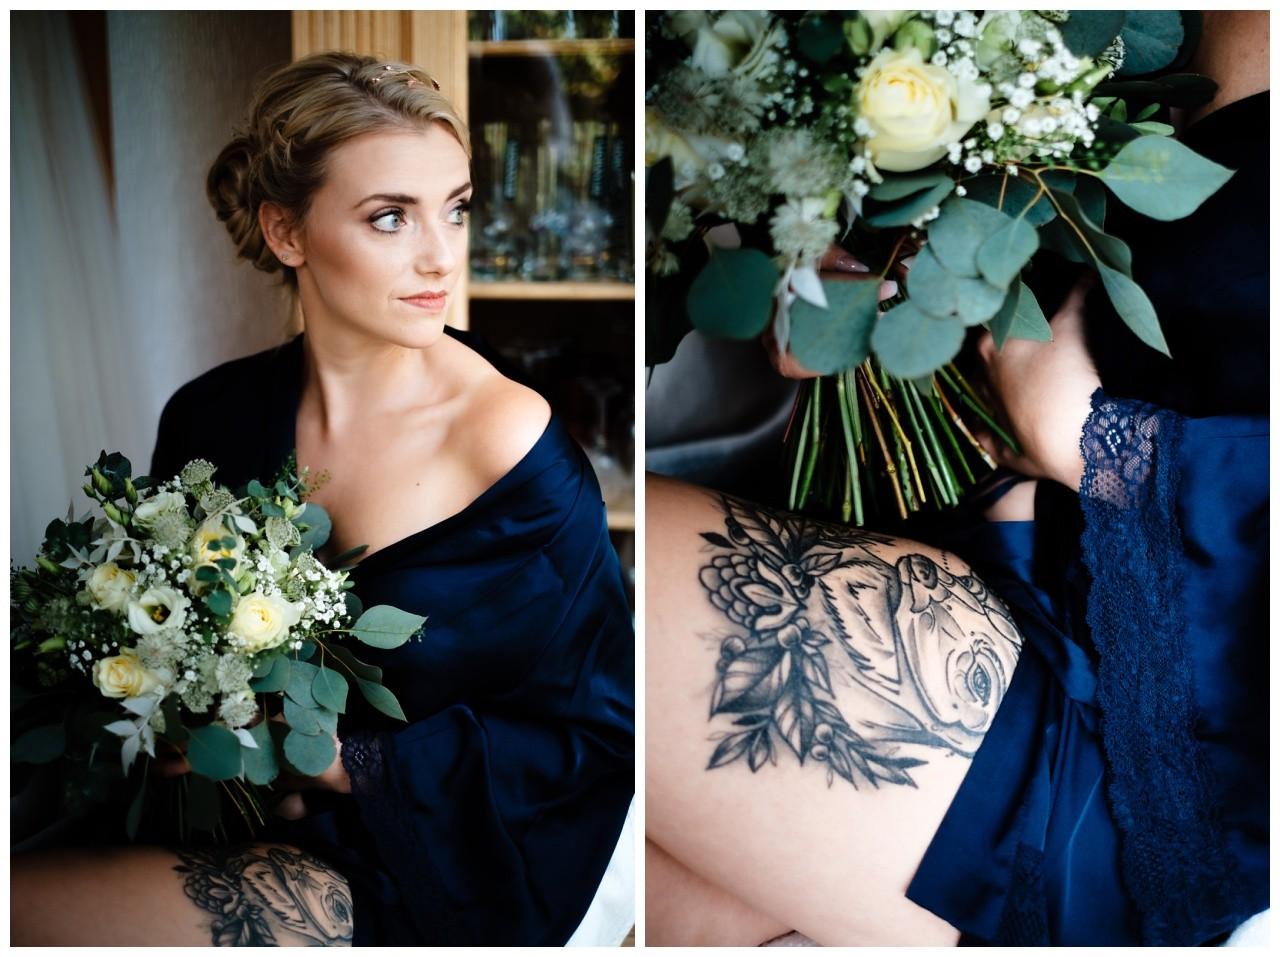 Gartenhochzeit hochzeit garten draussen fotograf corona hochzeitsfotograf 17 - DIY Hochzeit im Garten